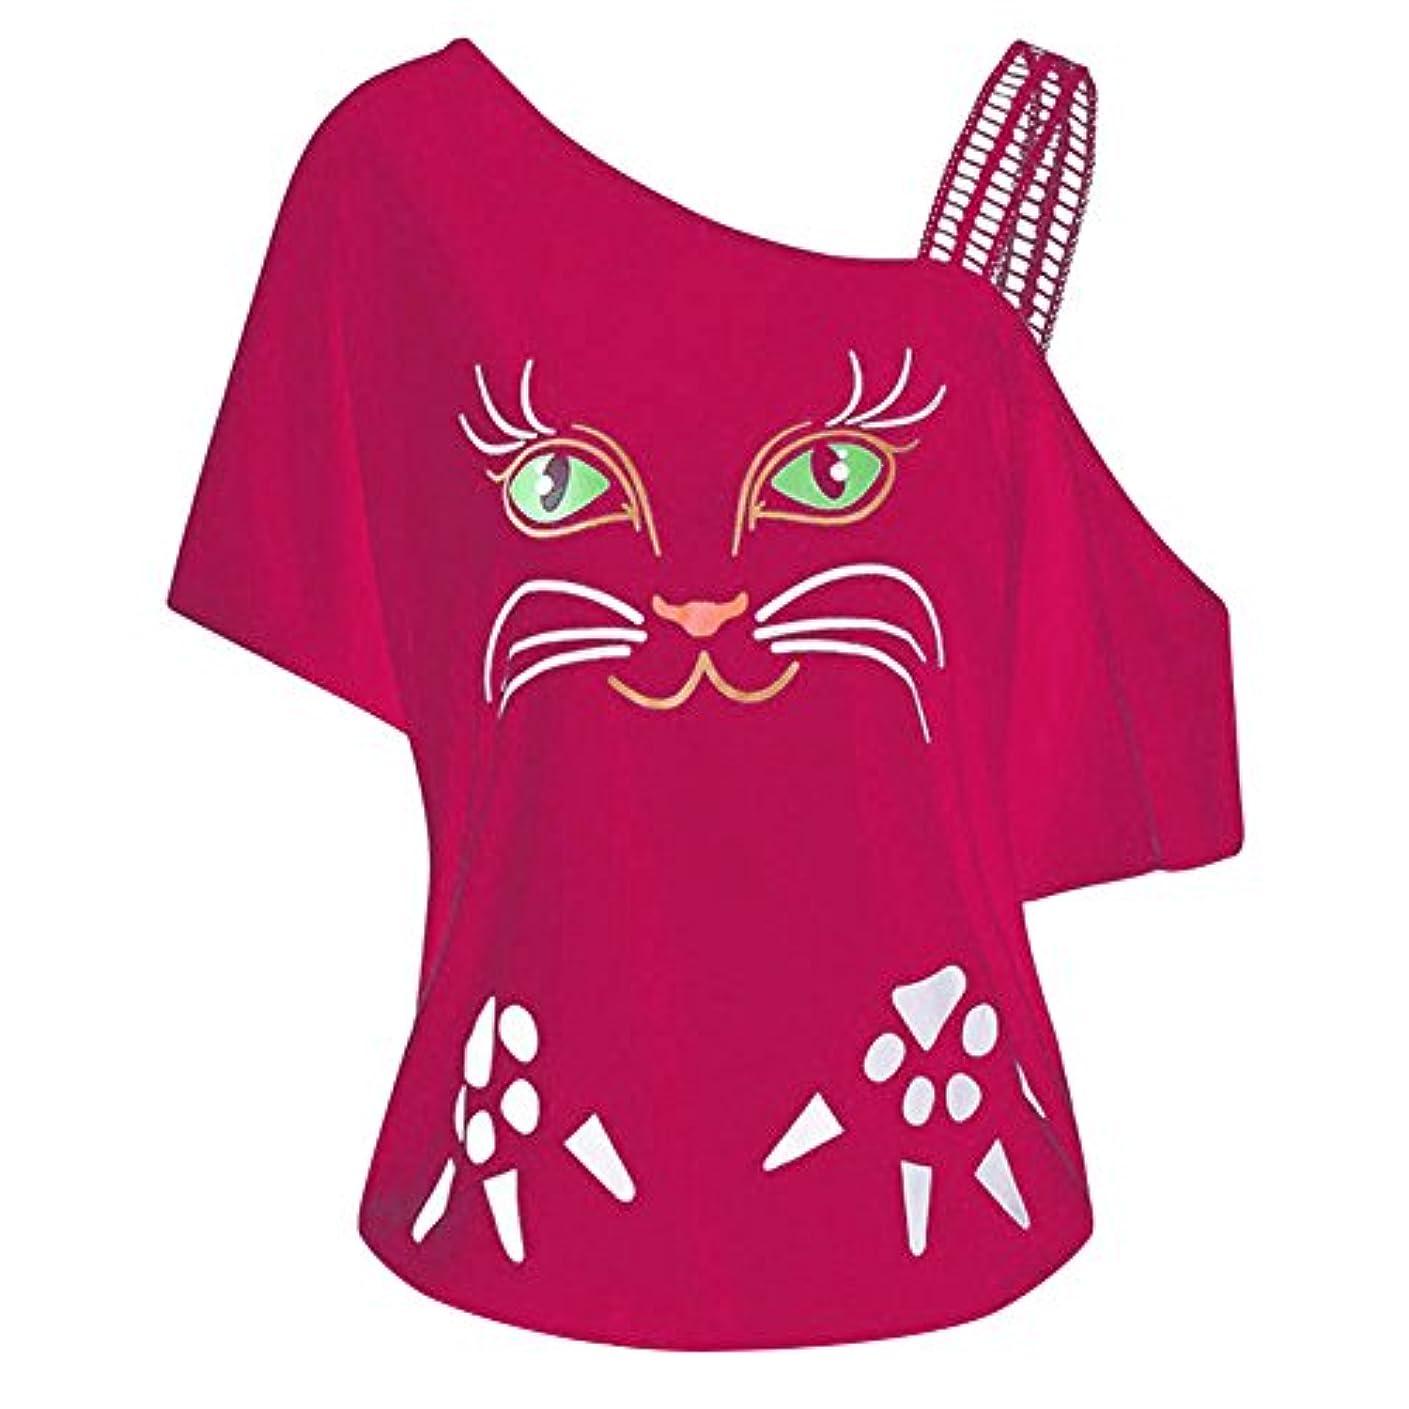 リブ良いソーセージHosam レディース 洋服 片肩 猫 お洒落 おもしろ プリント Tシャツ お洒落 体型カバ― お呼ばれ 通勤 日常 快適 大きなサイズ シンプルなデザイン 20代30代40代でも (L, ピンク)